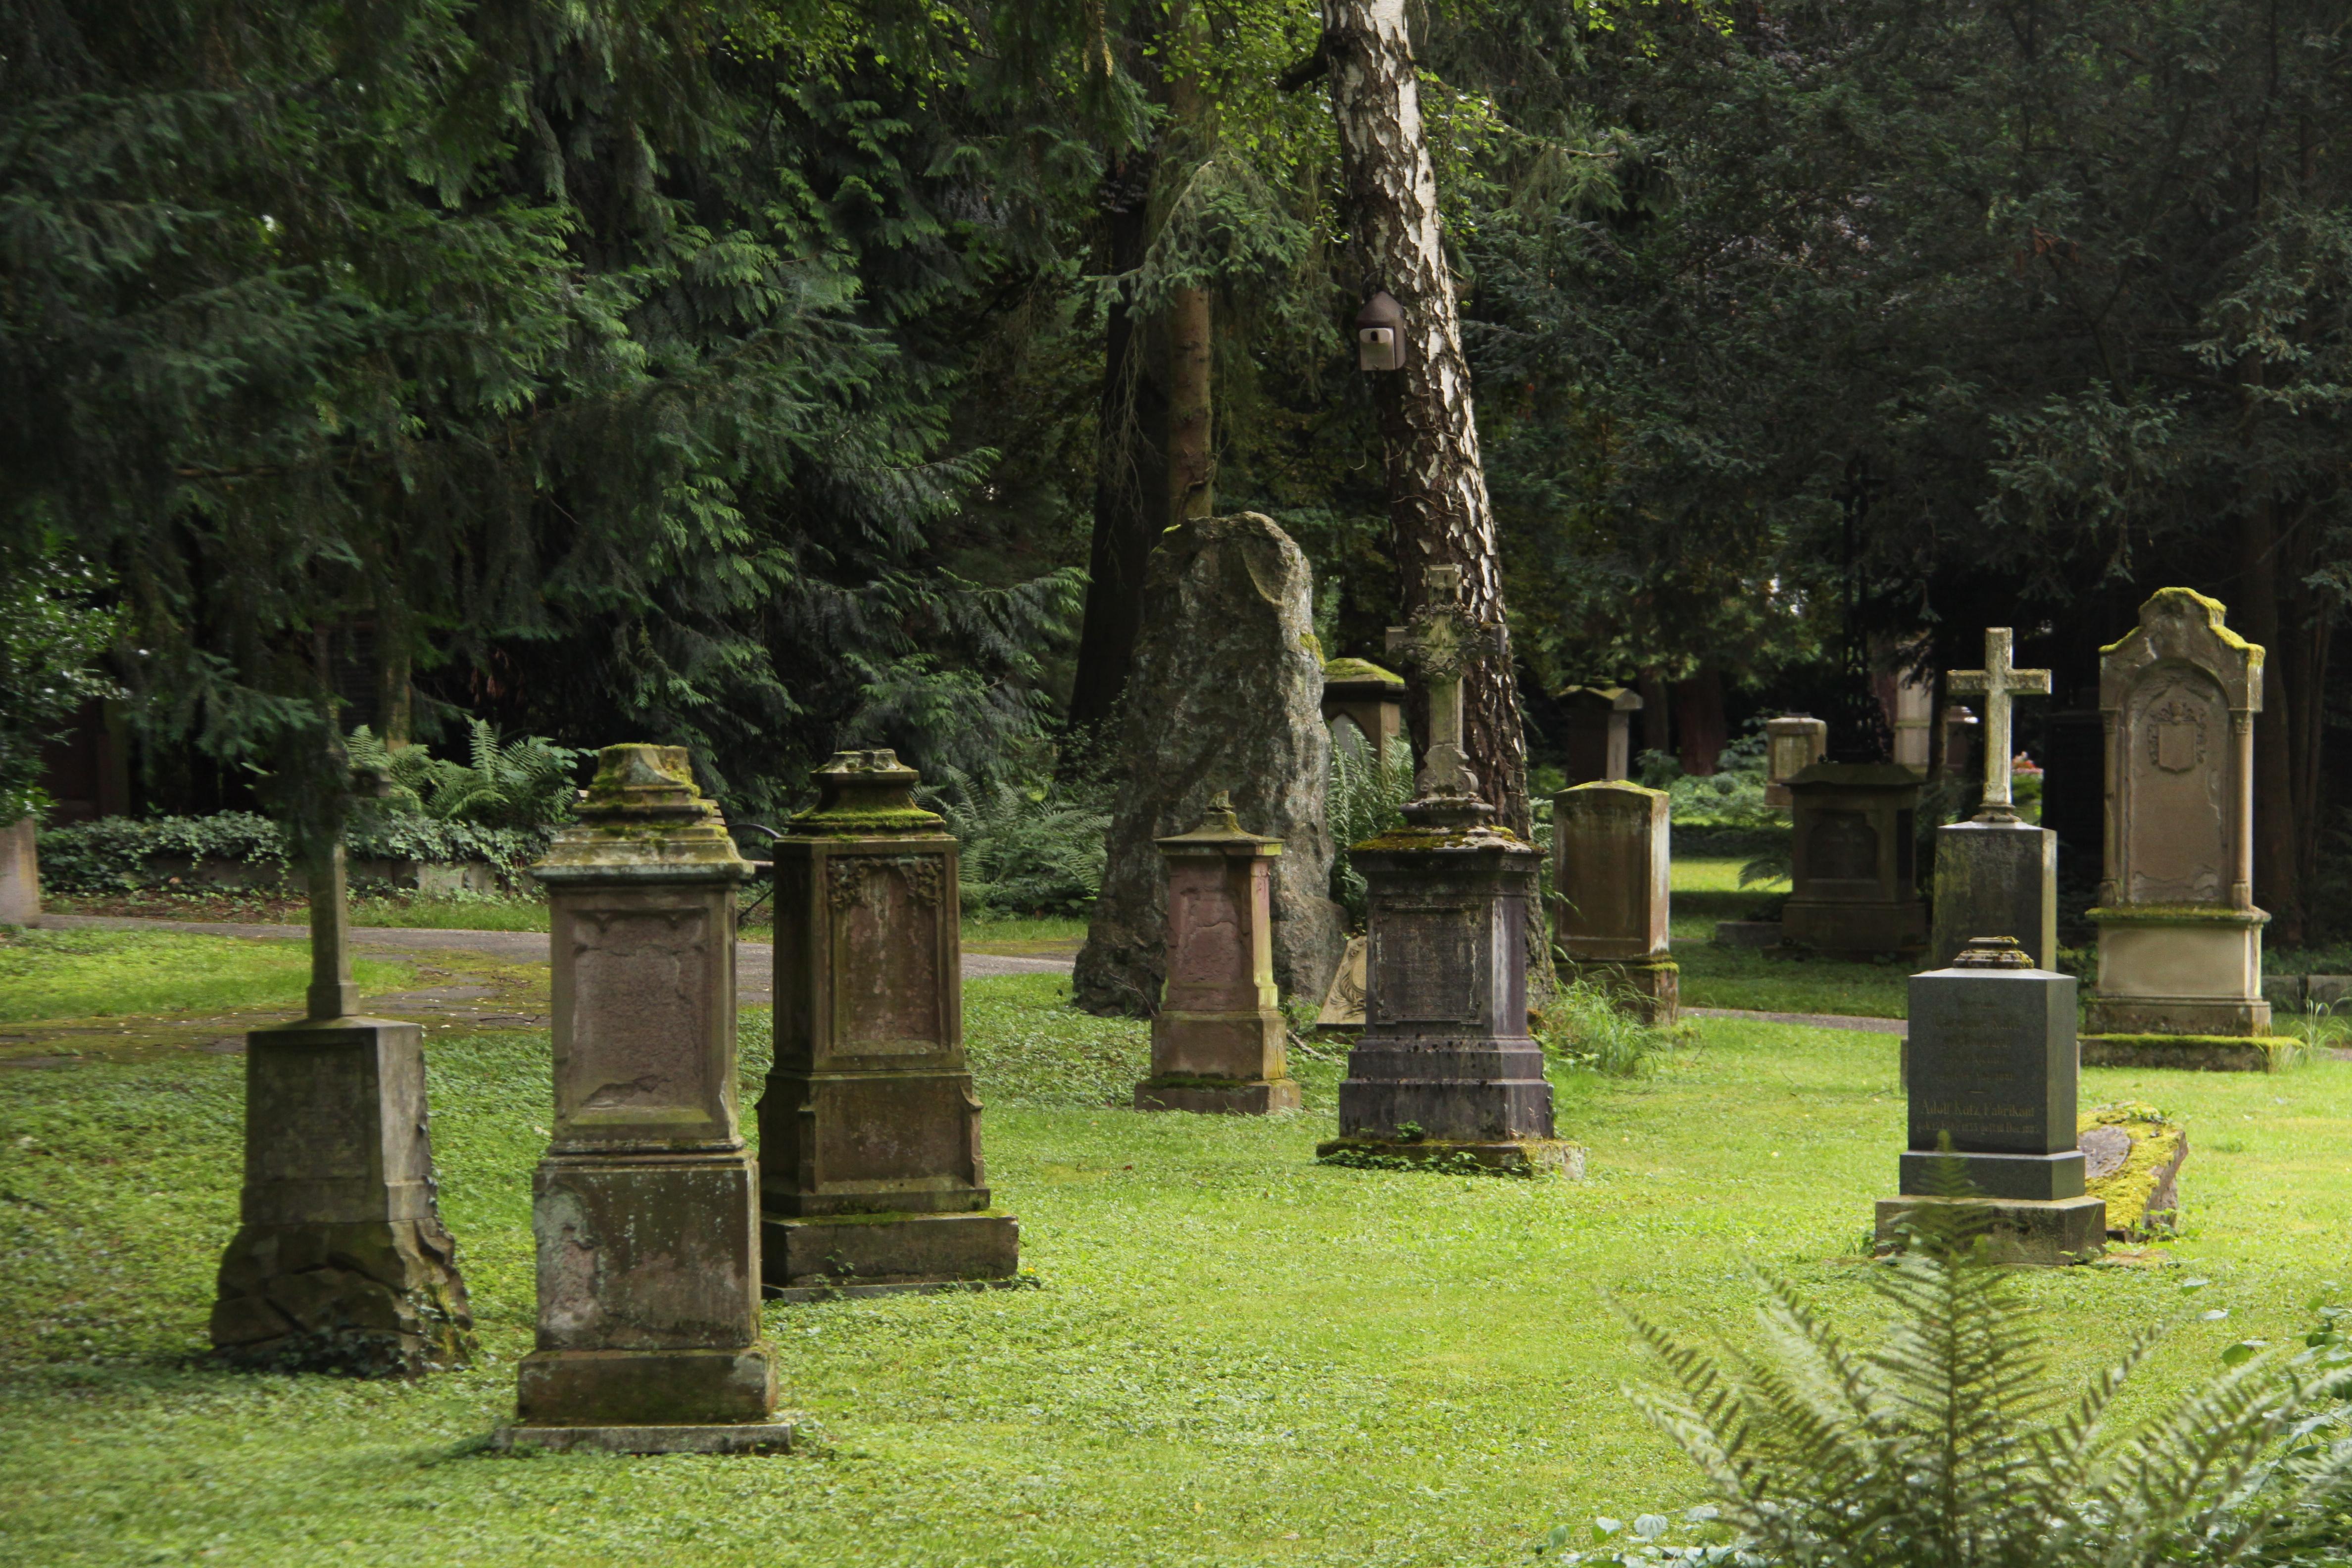 Alter Friedhof in Ludwigsburg. Foto: Uwe Roth